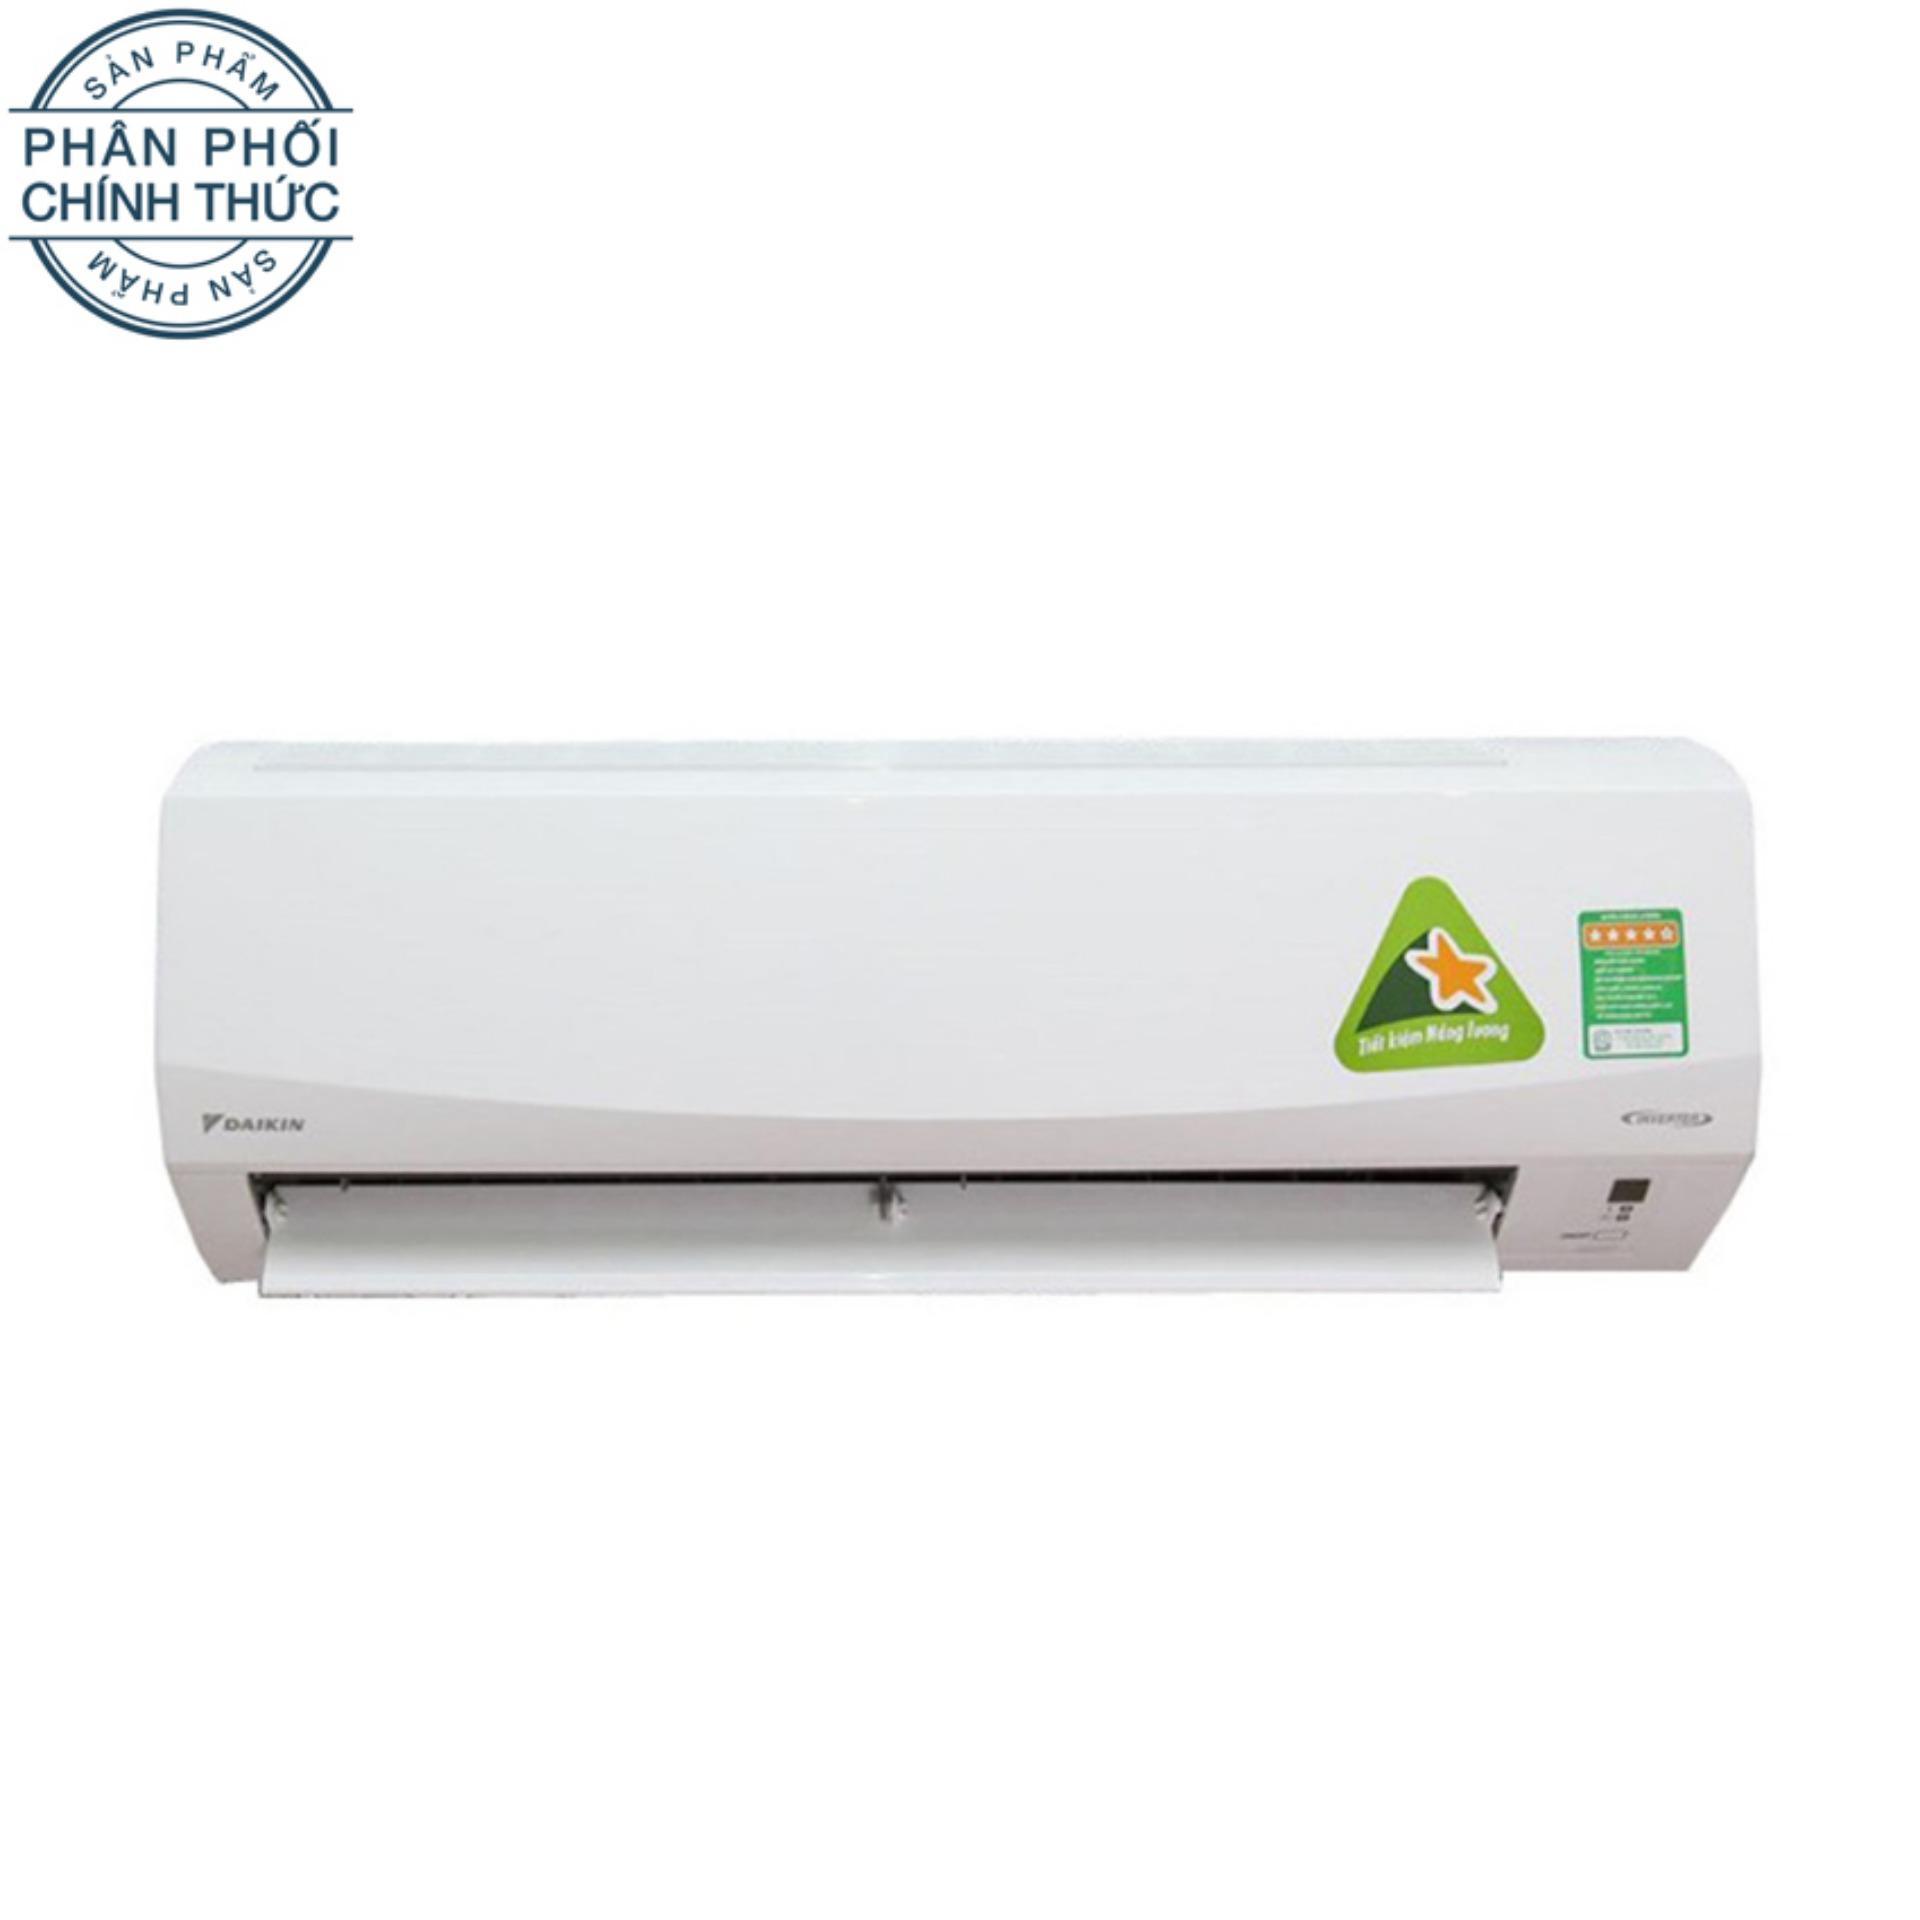 Giá Bán May Lạnh Inverter Daikin Ftkq25Svmv Rkq25Svmv 1 Hp Trắng Mới Rẻ